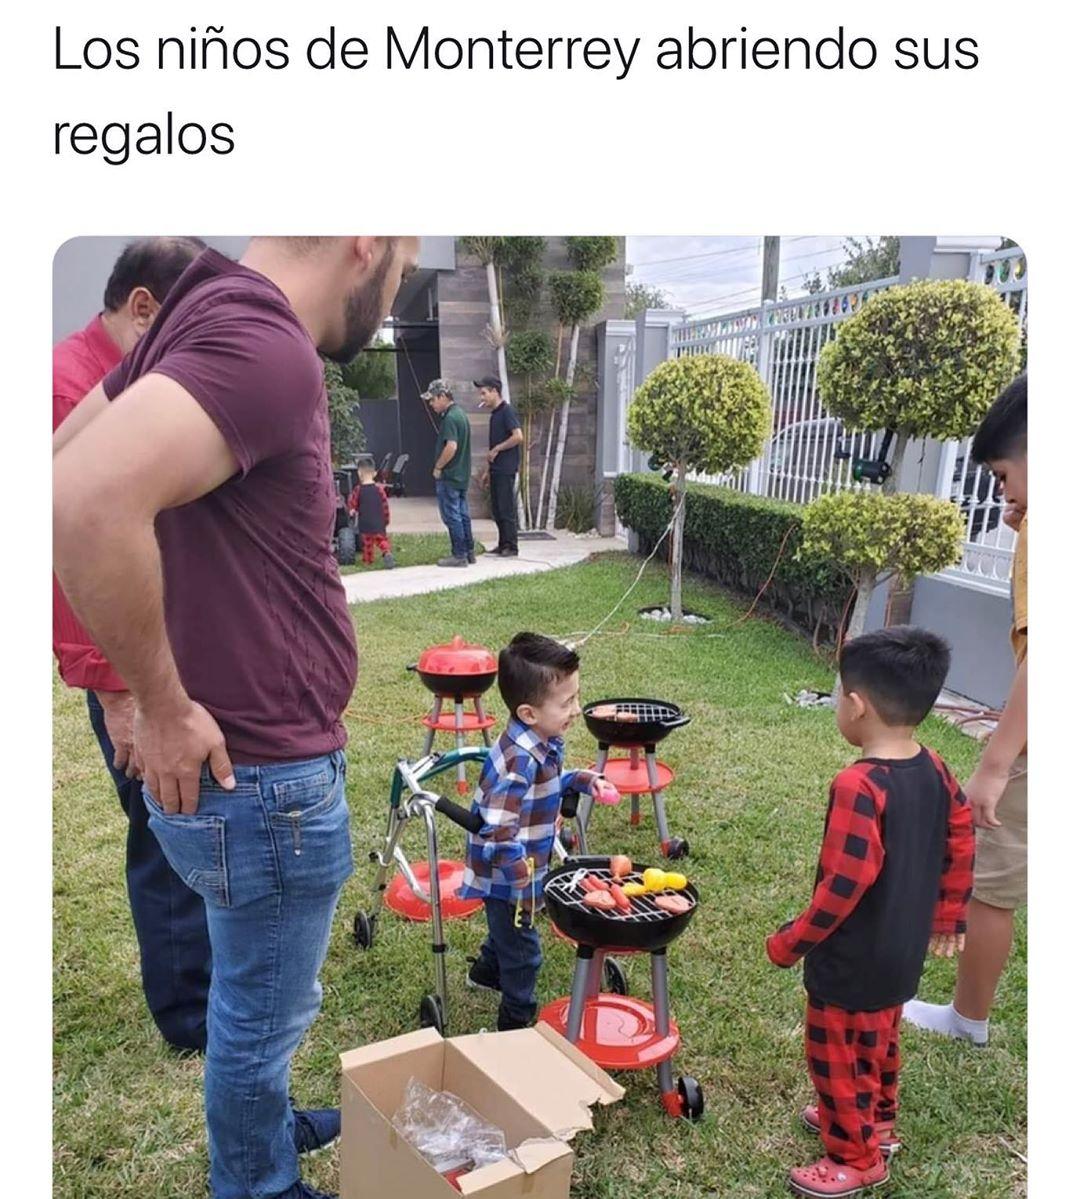 Los niños de Monterrey abriendo sus regalos.